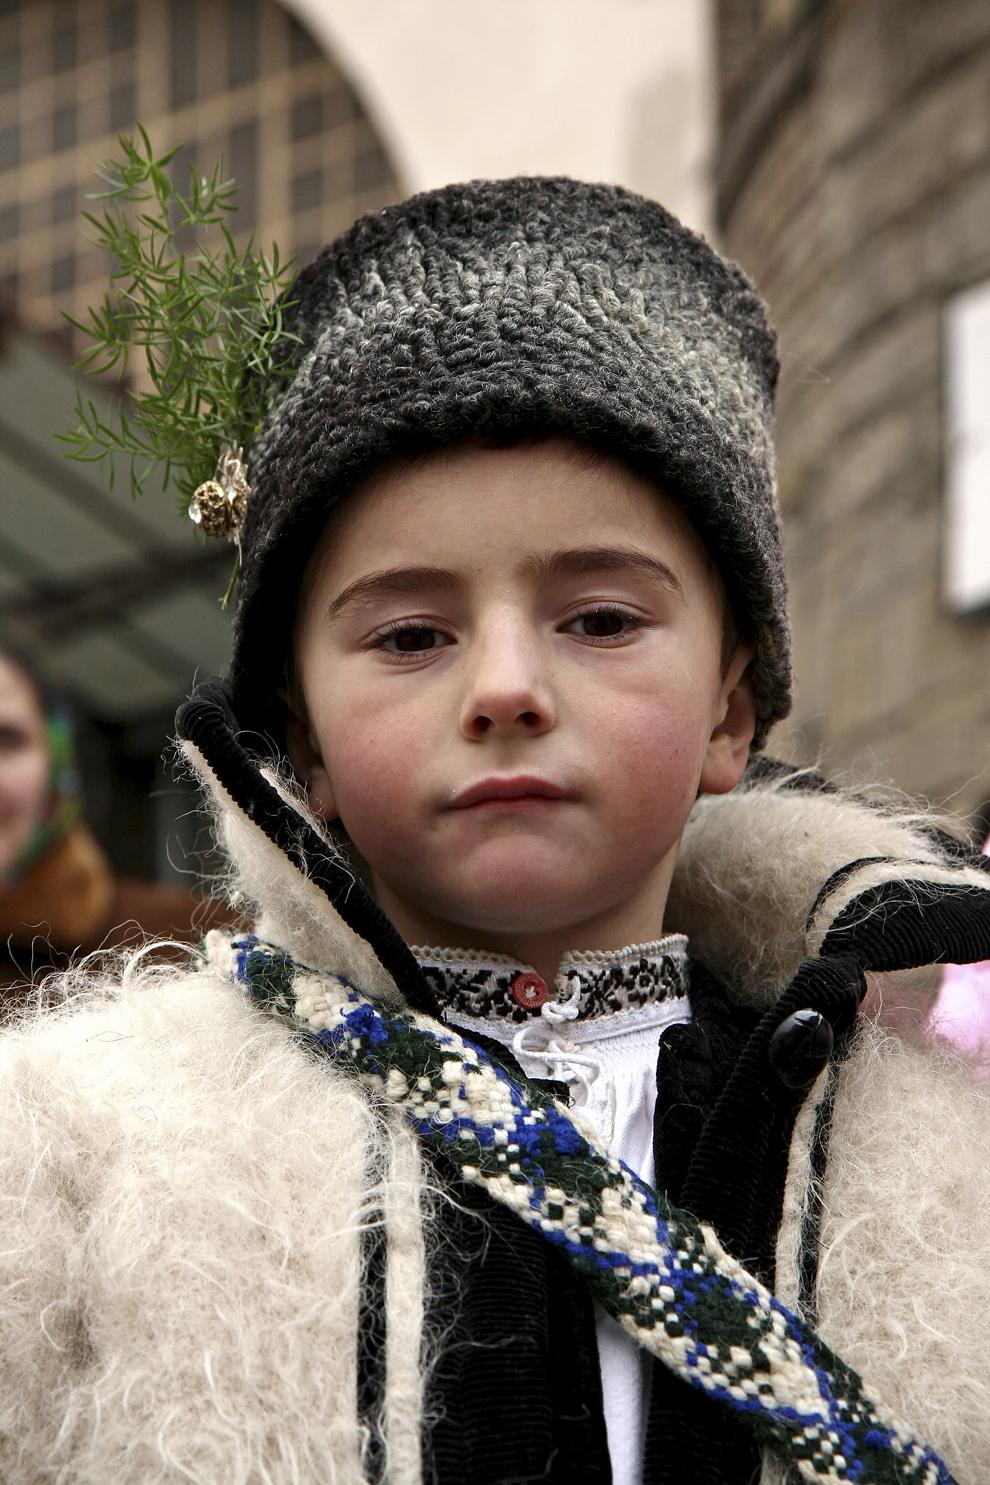 Un copil îmbrăcat în port tradiţional maramureşean, colindă cu ocazia Festivalului de Datini Marmaţia 2009, la Sighetu Marmaţiei, duminică, 27 decembrie 2009.